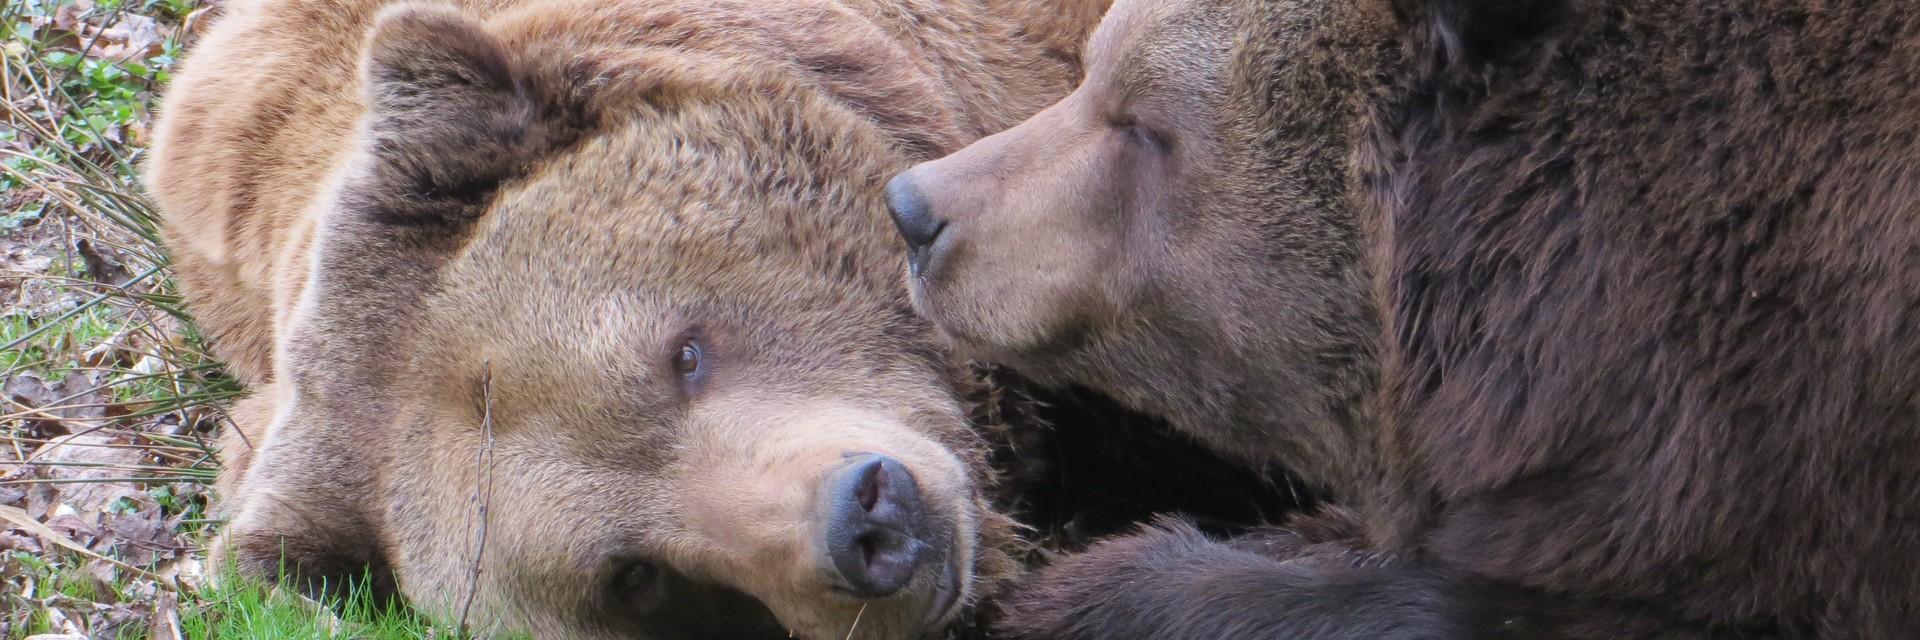 Bären Siggi and Balou